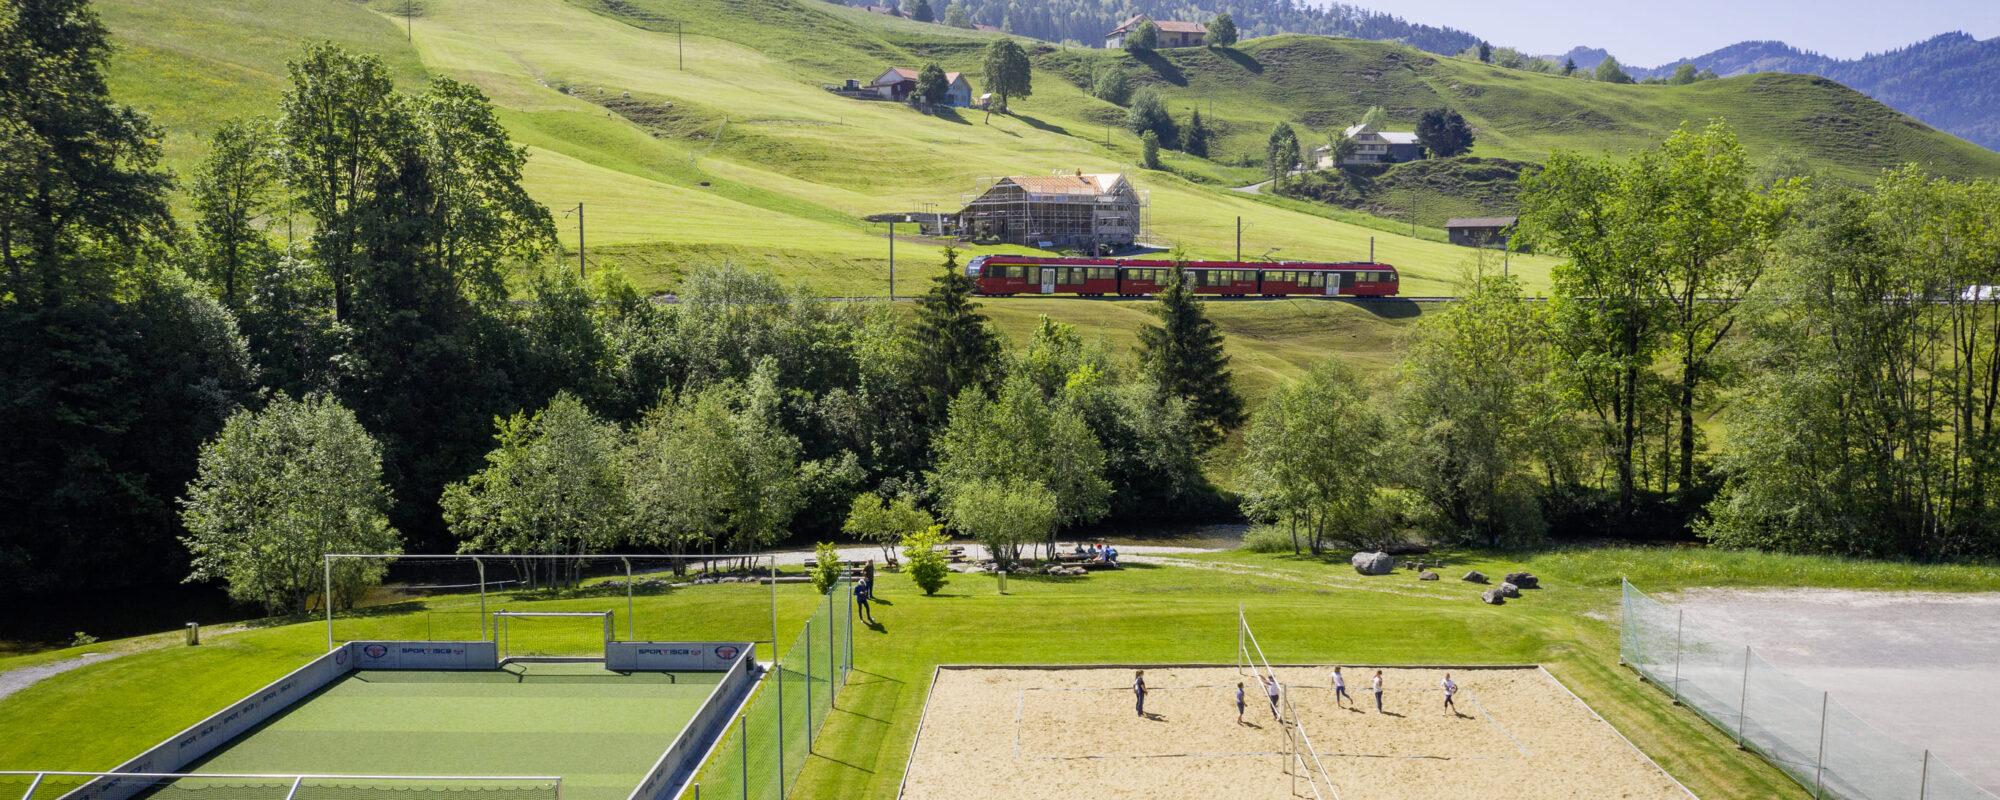 Ferienhaus_Unterkunft_Mitel_Saentis_Fussballfeld_Volleyballfeld